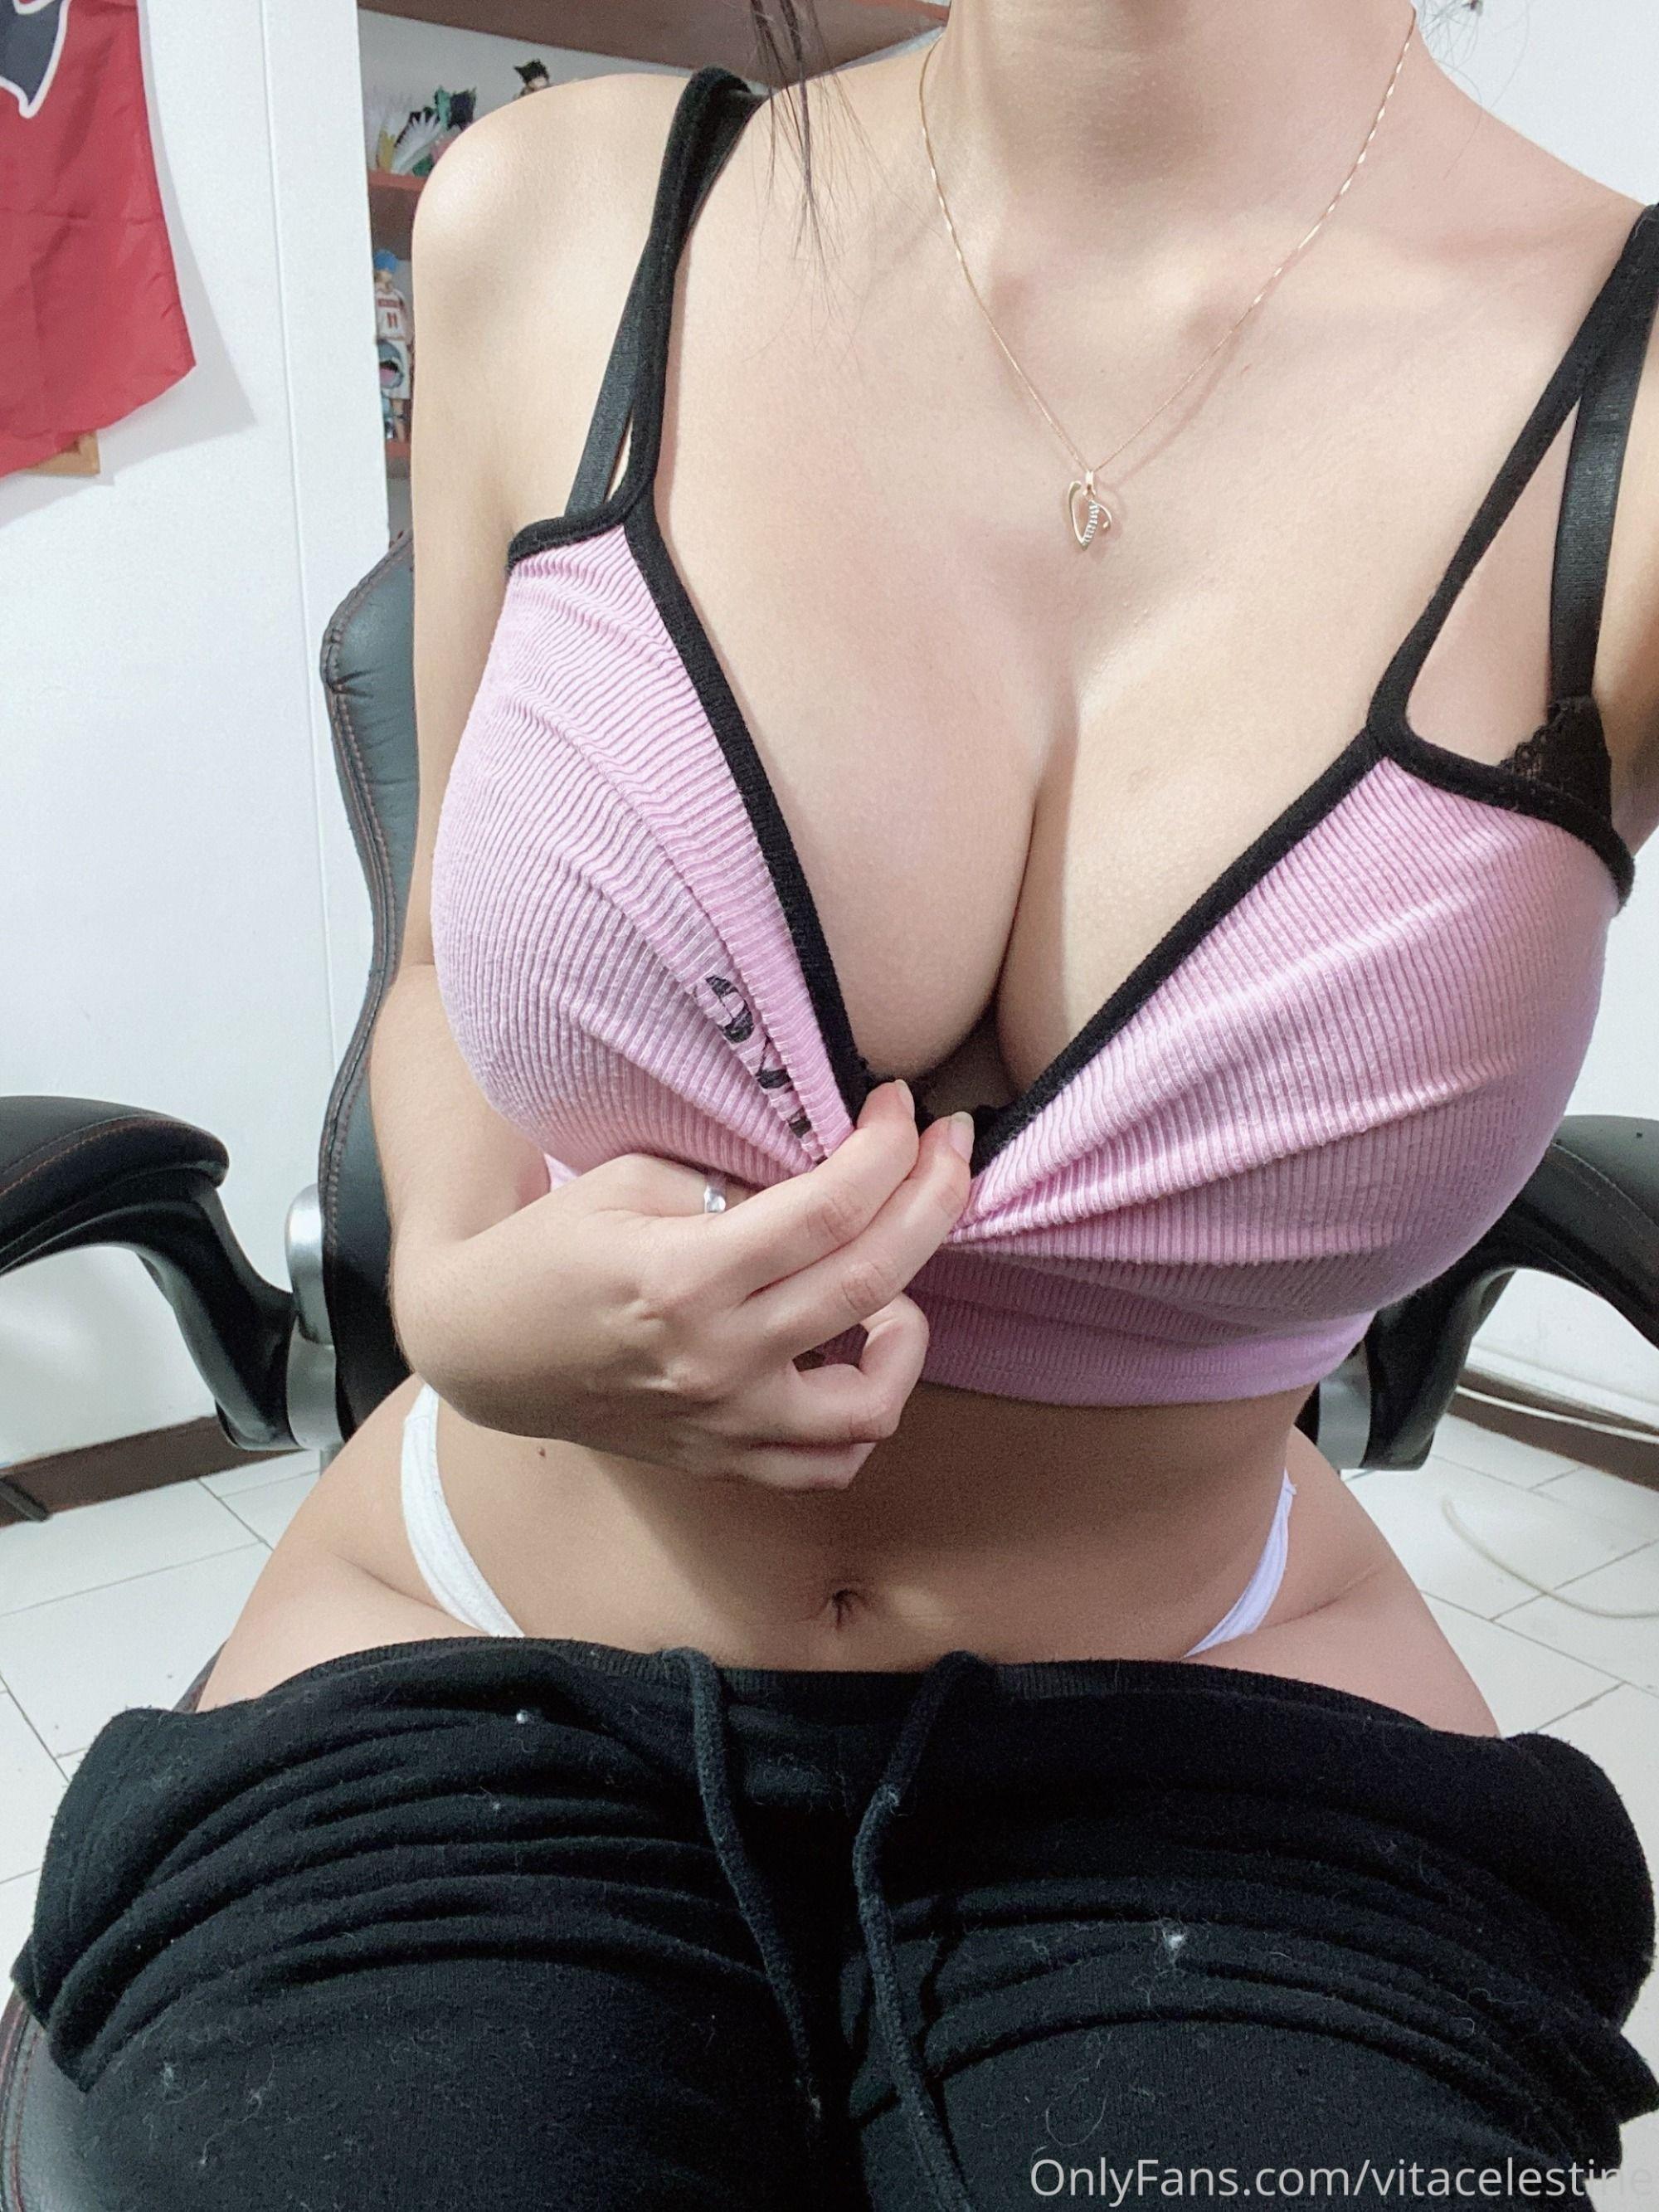 Vita Celestine Nude Photos 0136